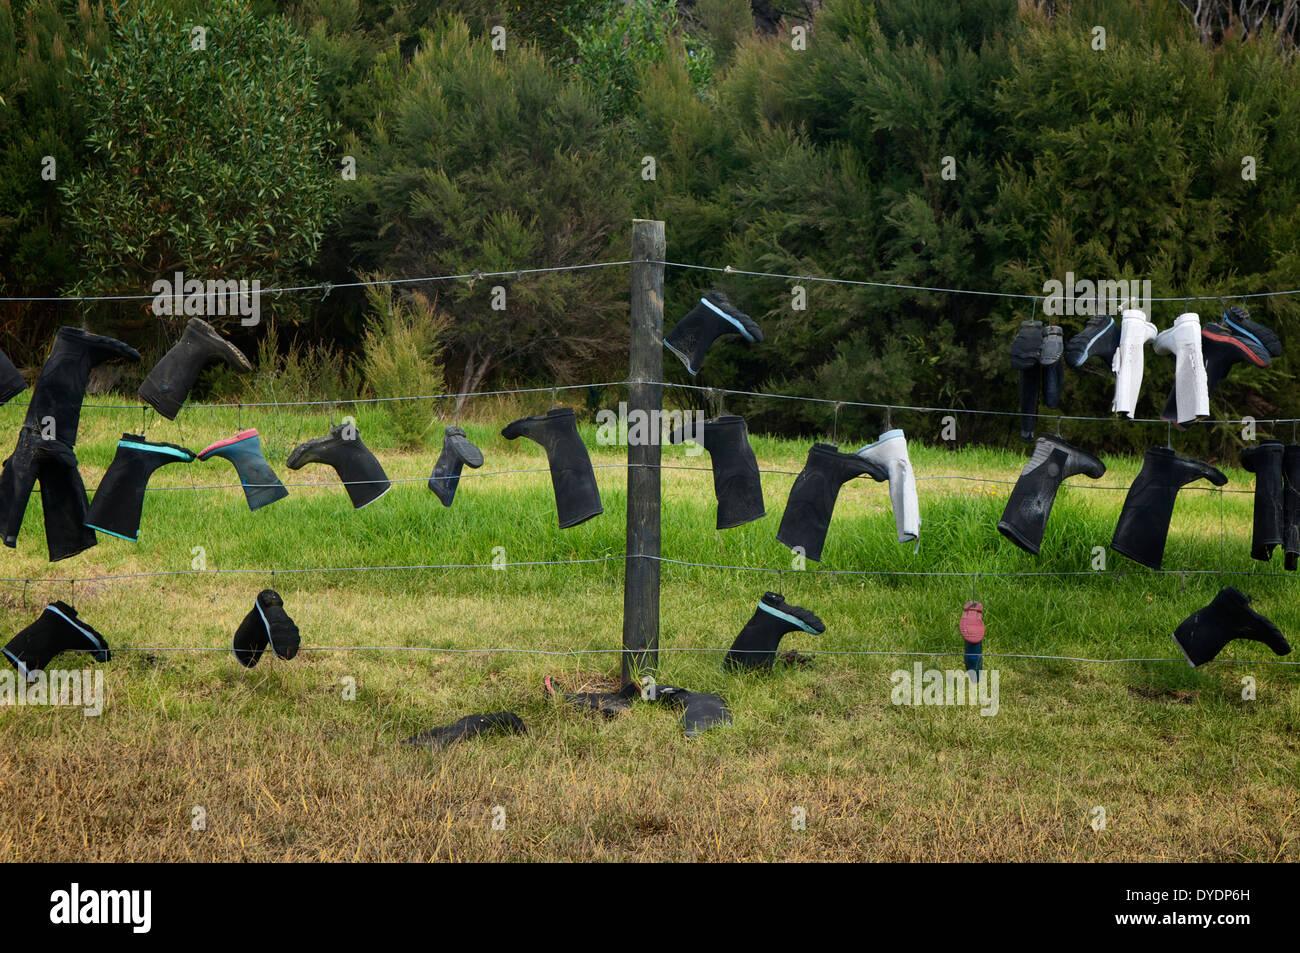 Gummistiefel (Gummistiefel, Gummistiefel) auf dem Display auf ein Land Zaun in Whangarei, Neuseeland. Stockbild